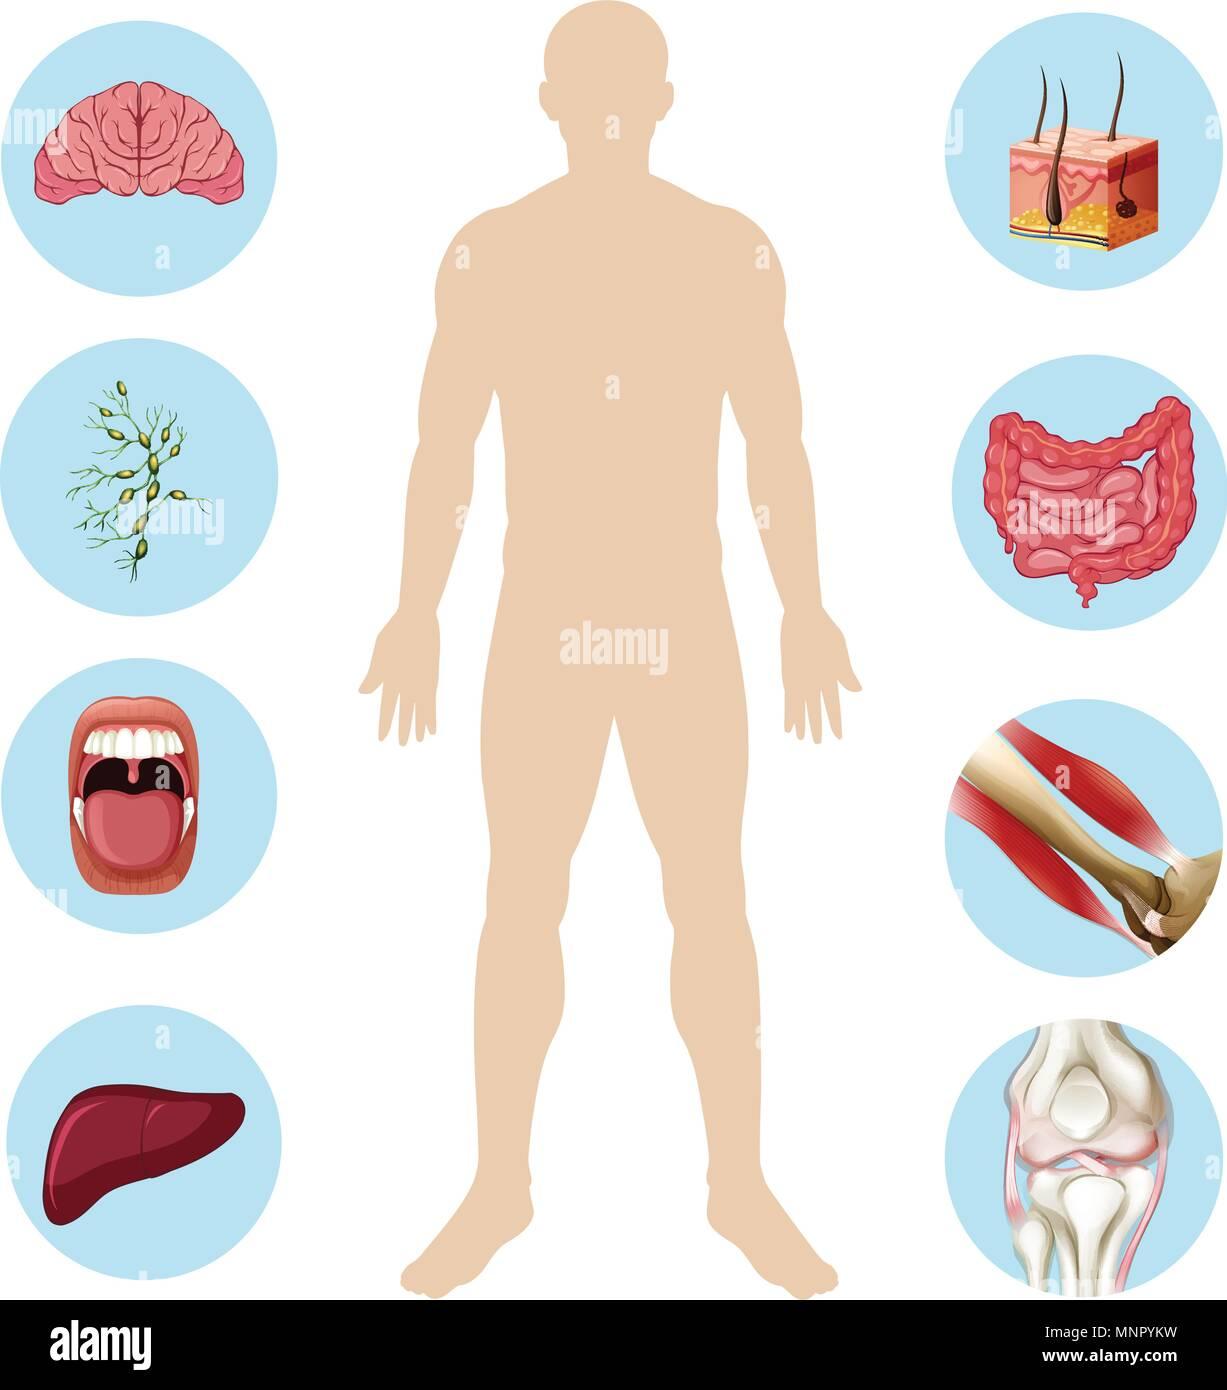 Organ des Menschen Anatomie Teil des Körpers Abbildung Vektor ...